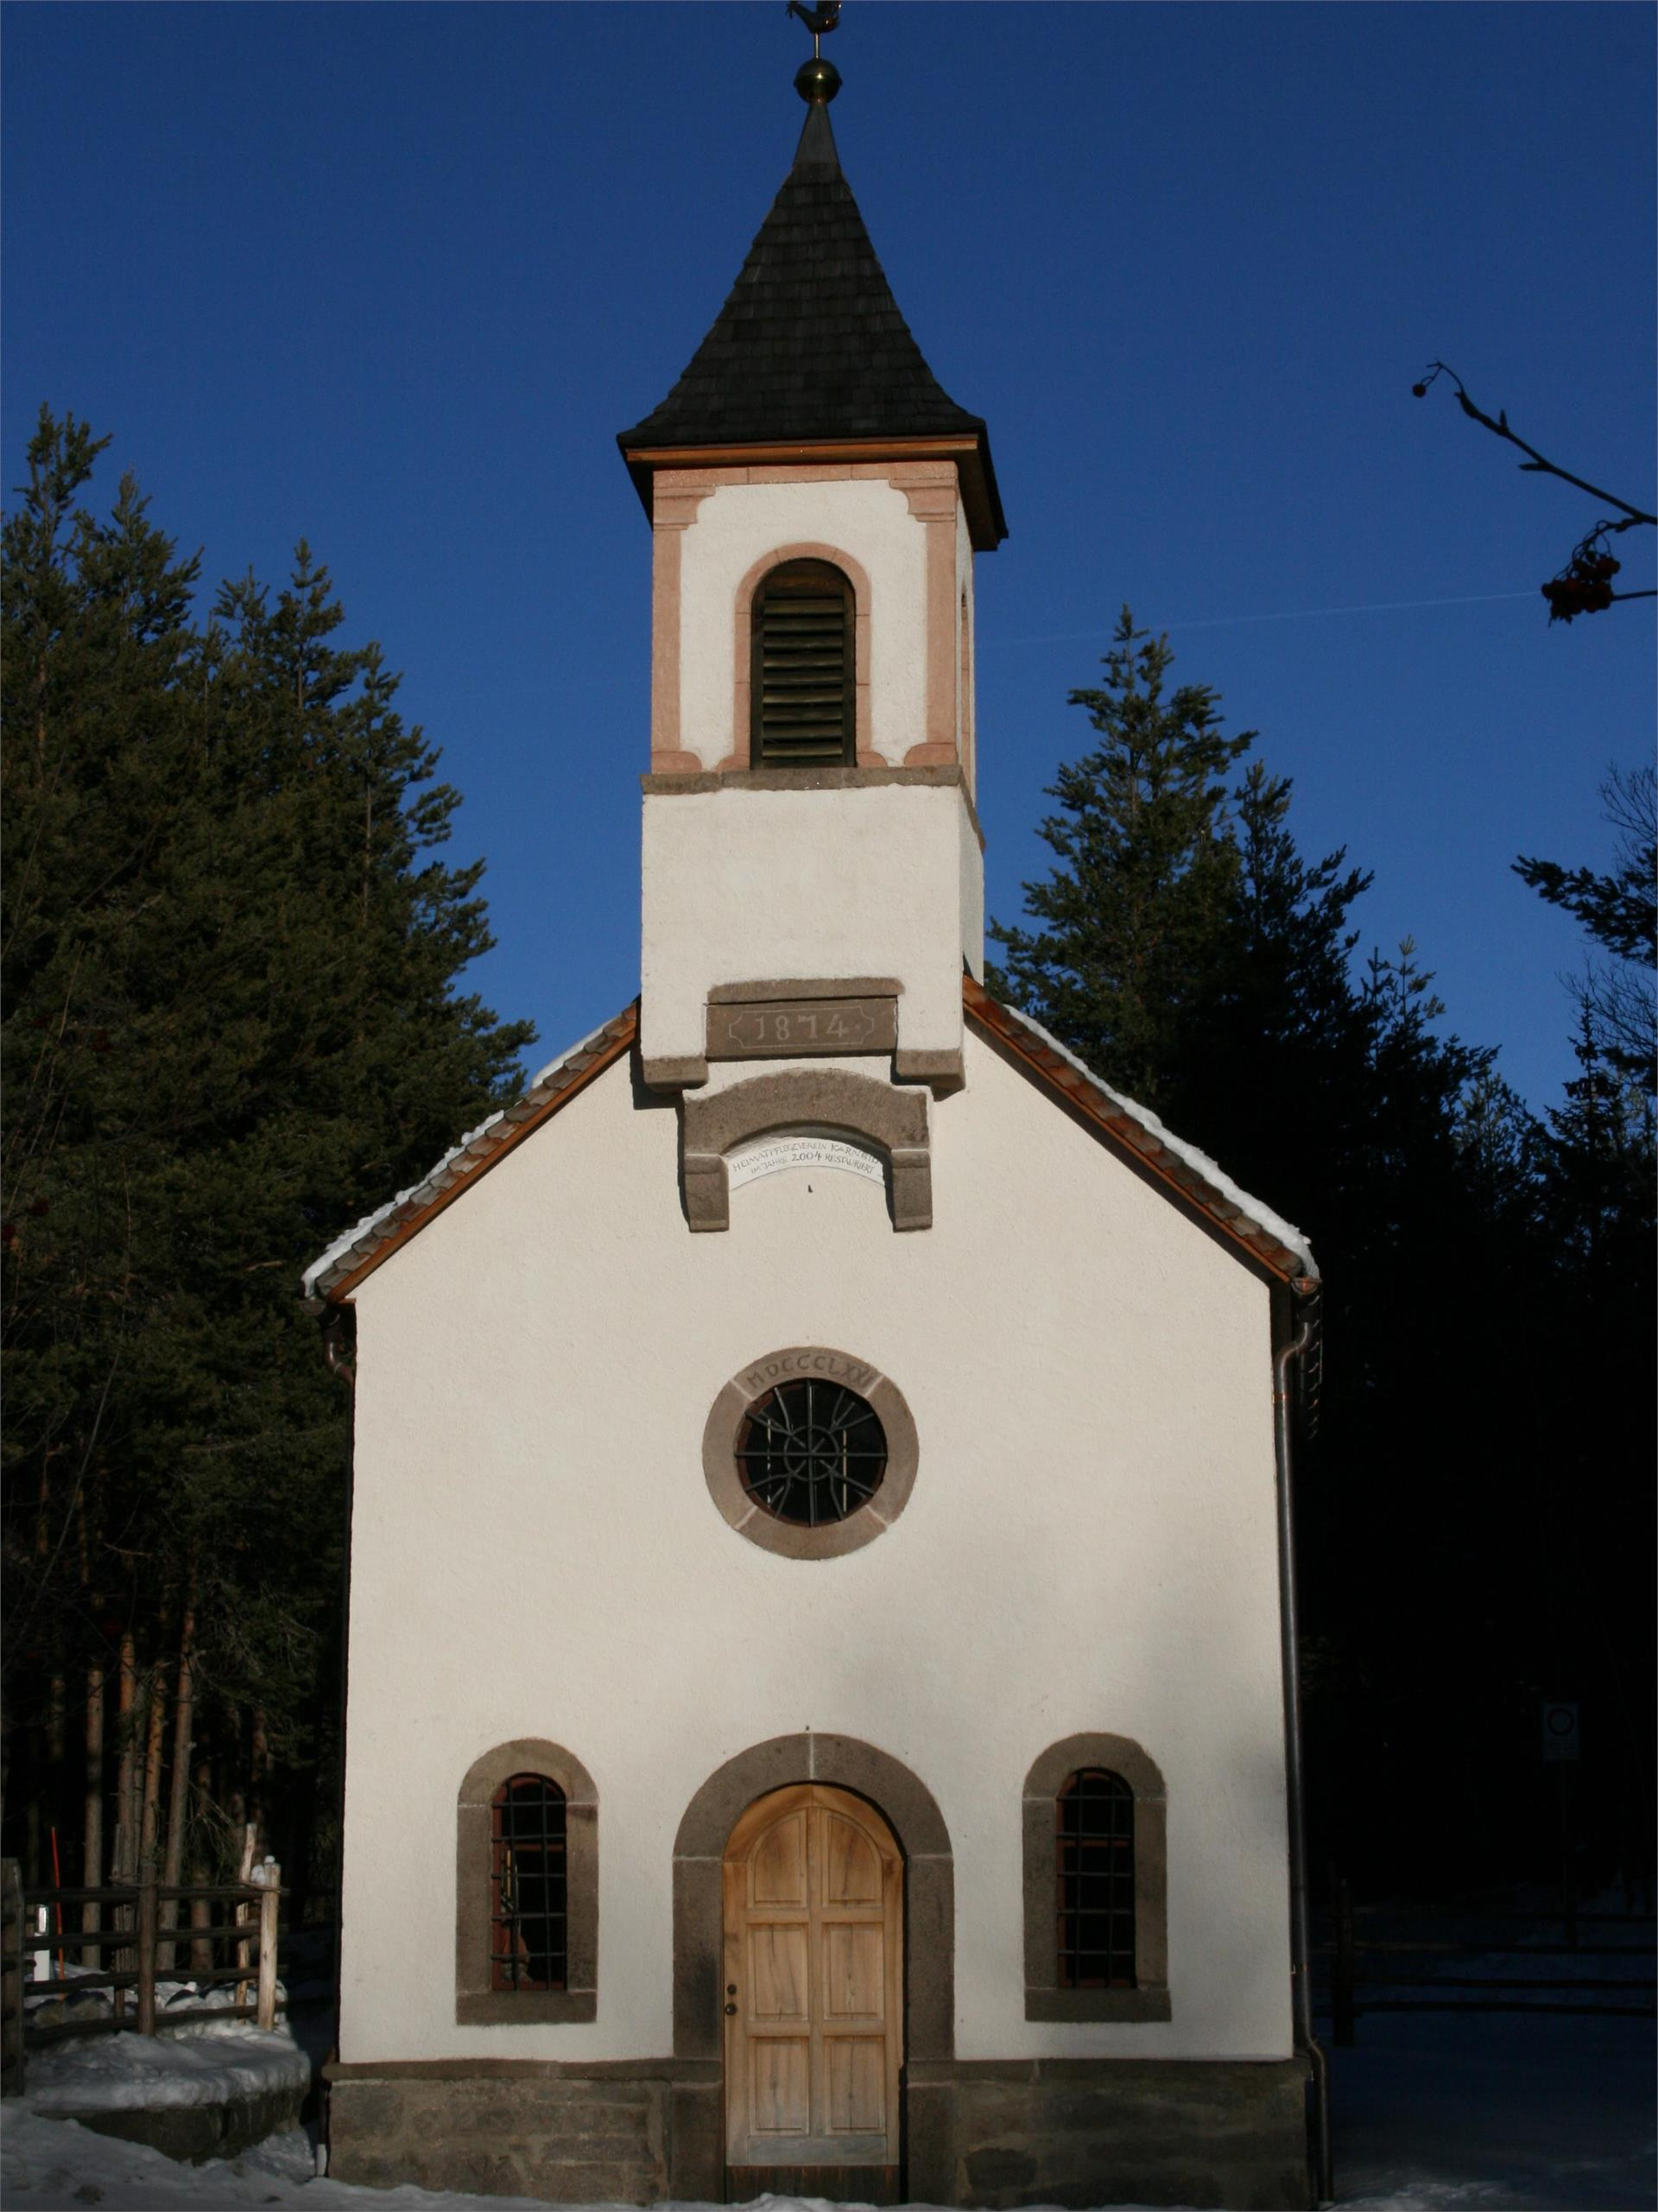 Chapel Kasererbild